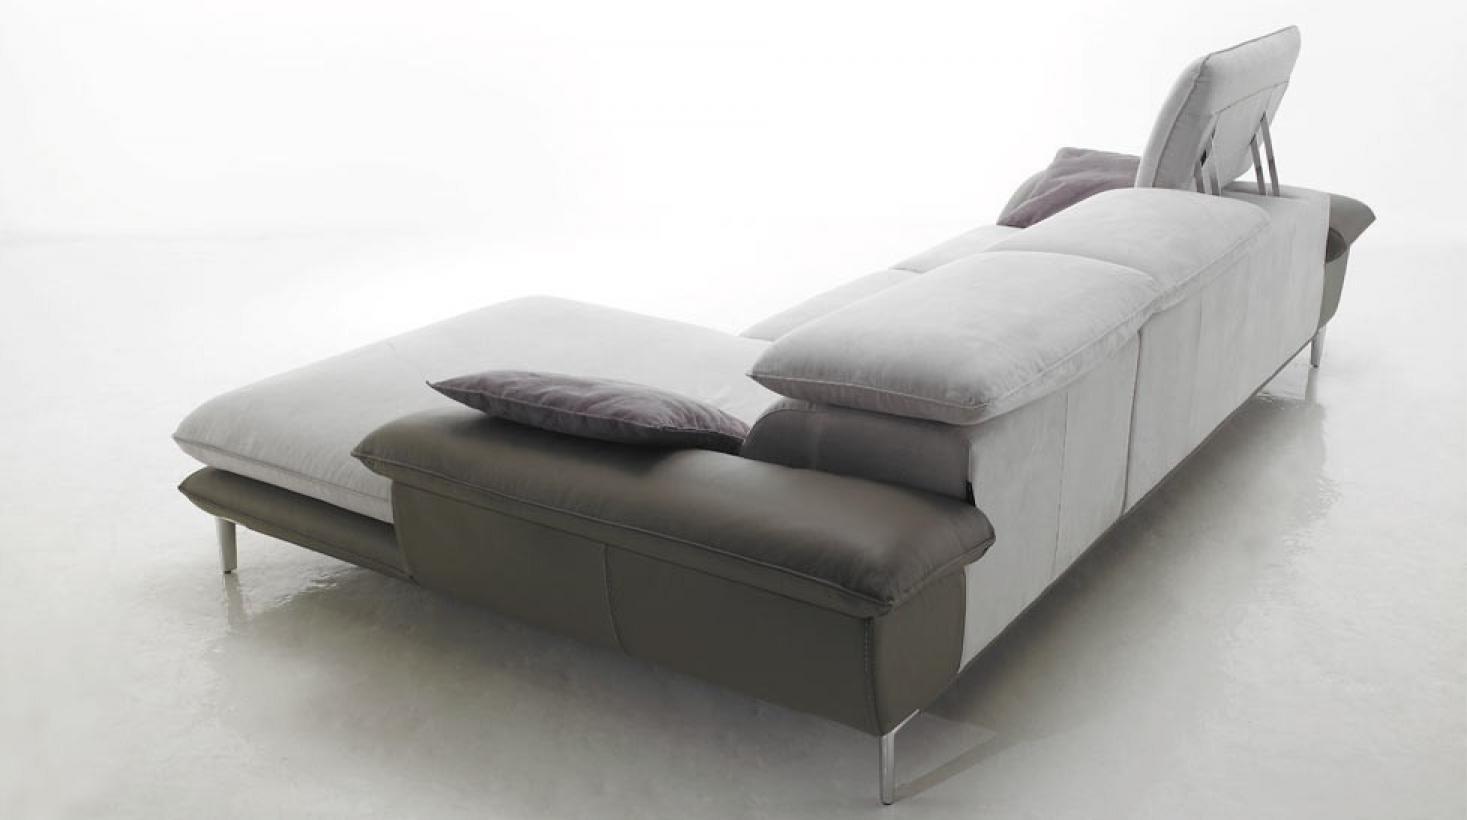 canap en microfibre finest nettoyer un canape en microfibre nettoyage cuir canape nettoyage. Black Bedroom Furniture Sets. Home Design Ideas